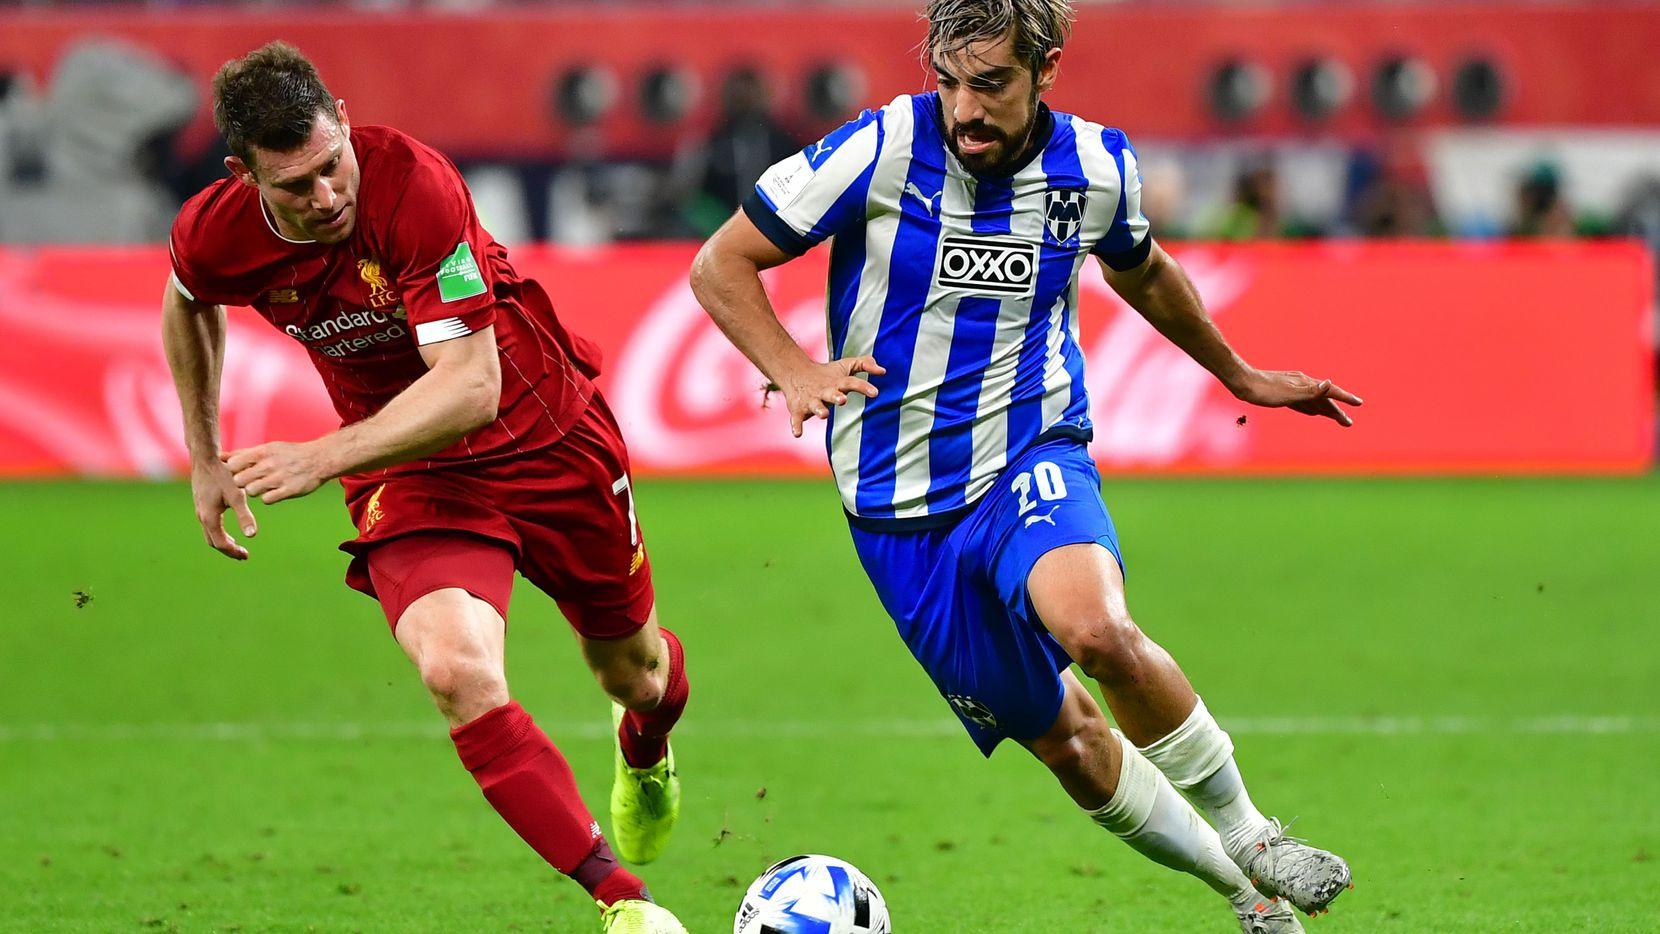 Rodolfo Pizarro (der.) pelea por el balón con James Milner en el juego entre Rayados de Monterrey y Liverpool el miércoles durante el 2019 FIFA Club World Cup en Qatar.